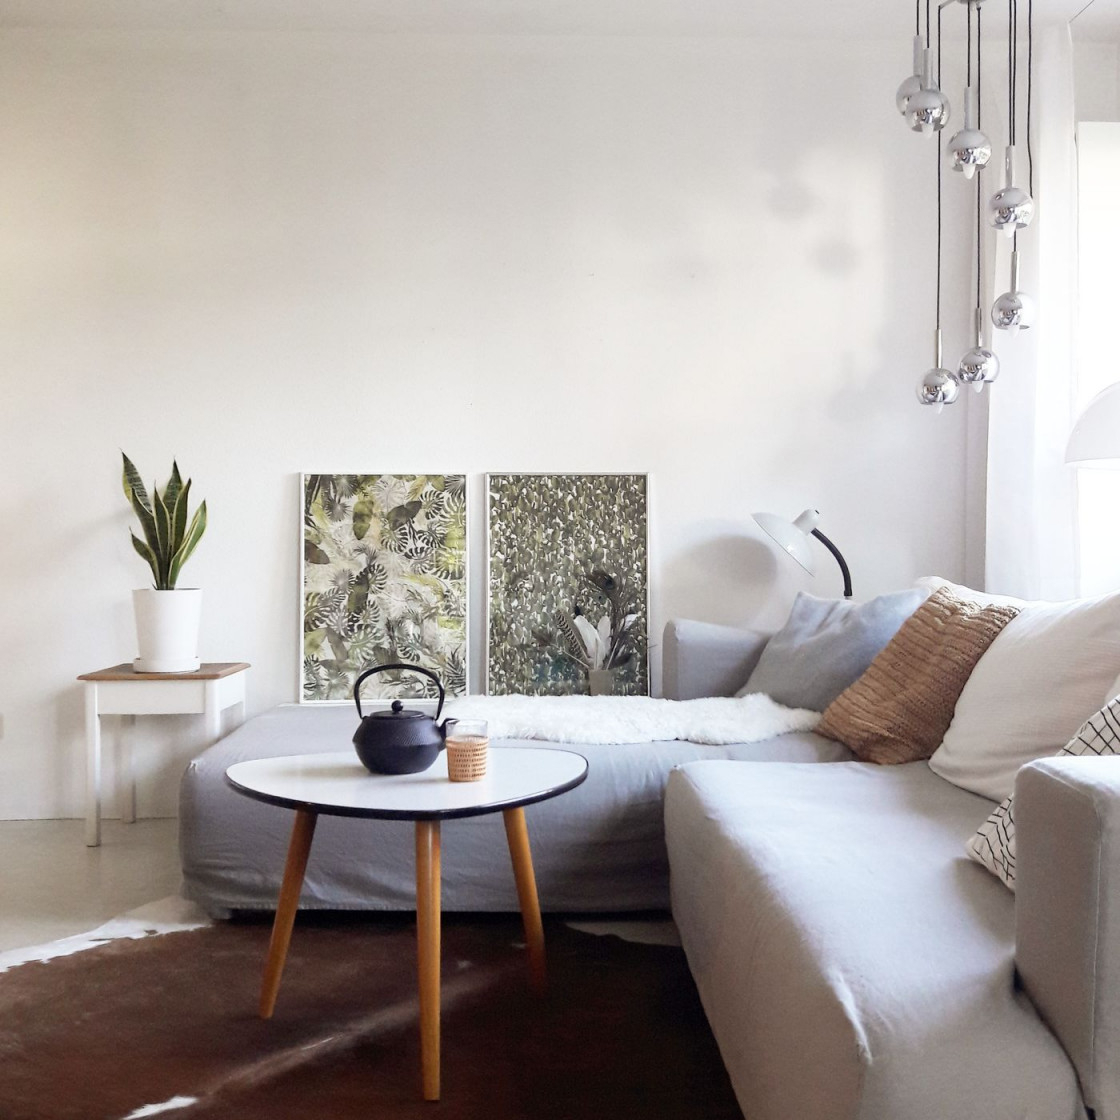 Das Kuhfell Als Dekoidee Und Teppich von Wohnzimmer Mit Kuhfell Teppich Photo